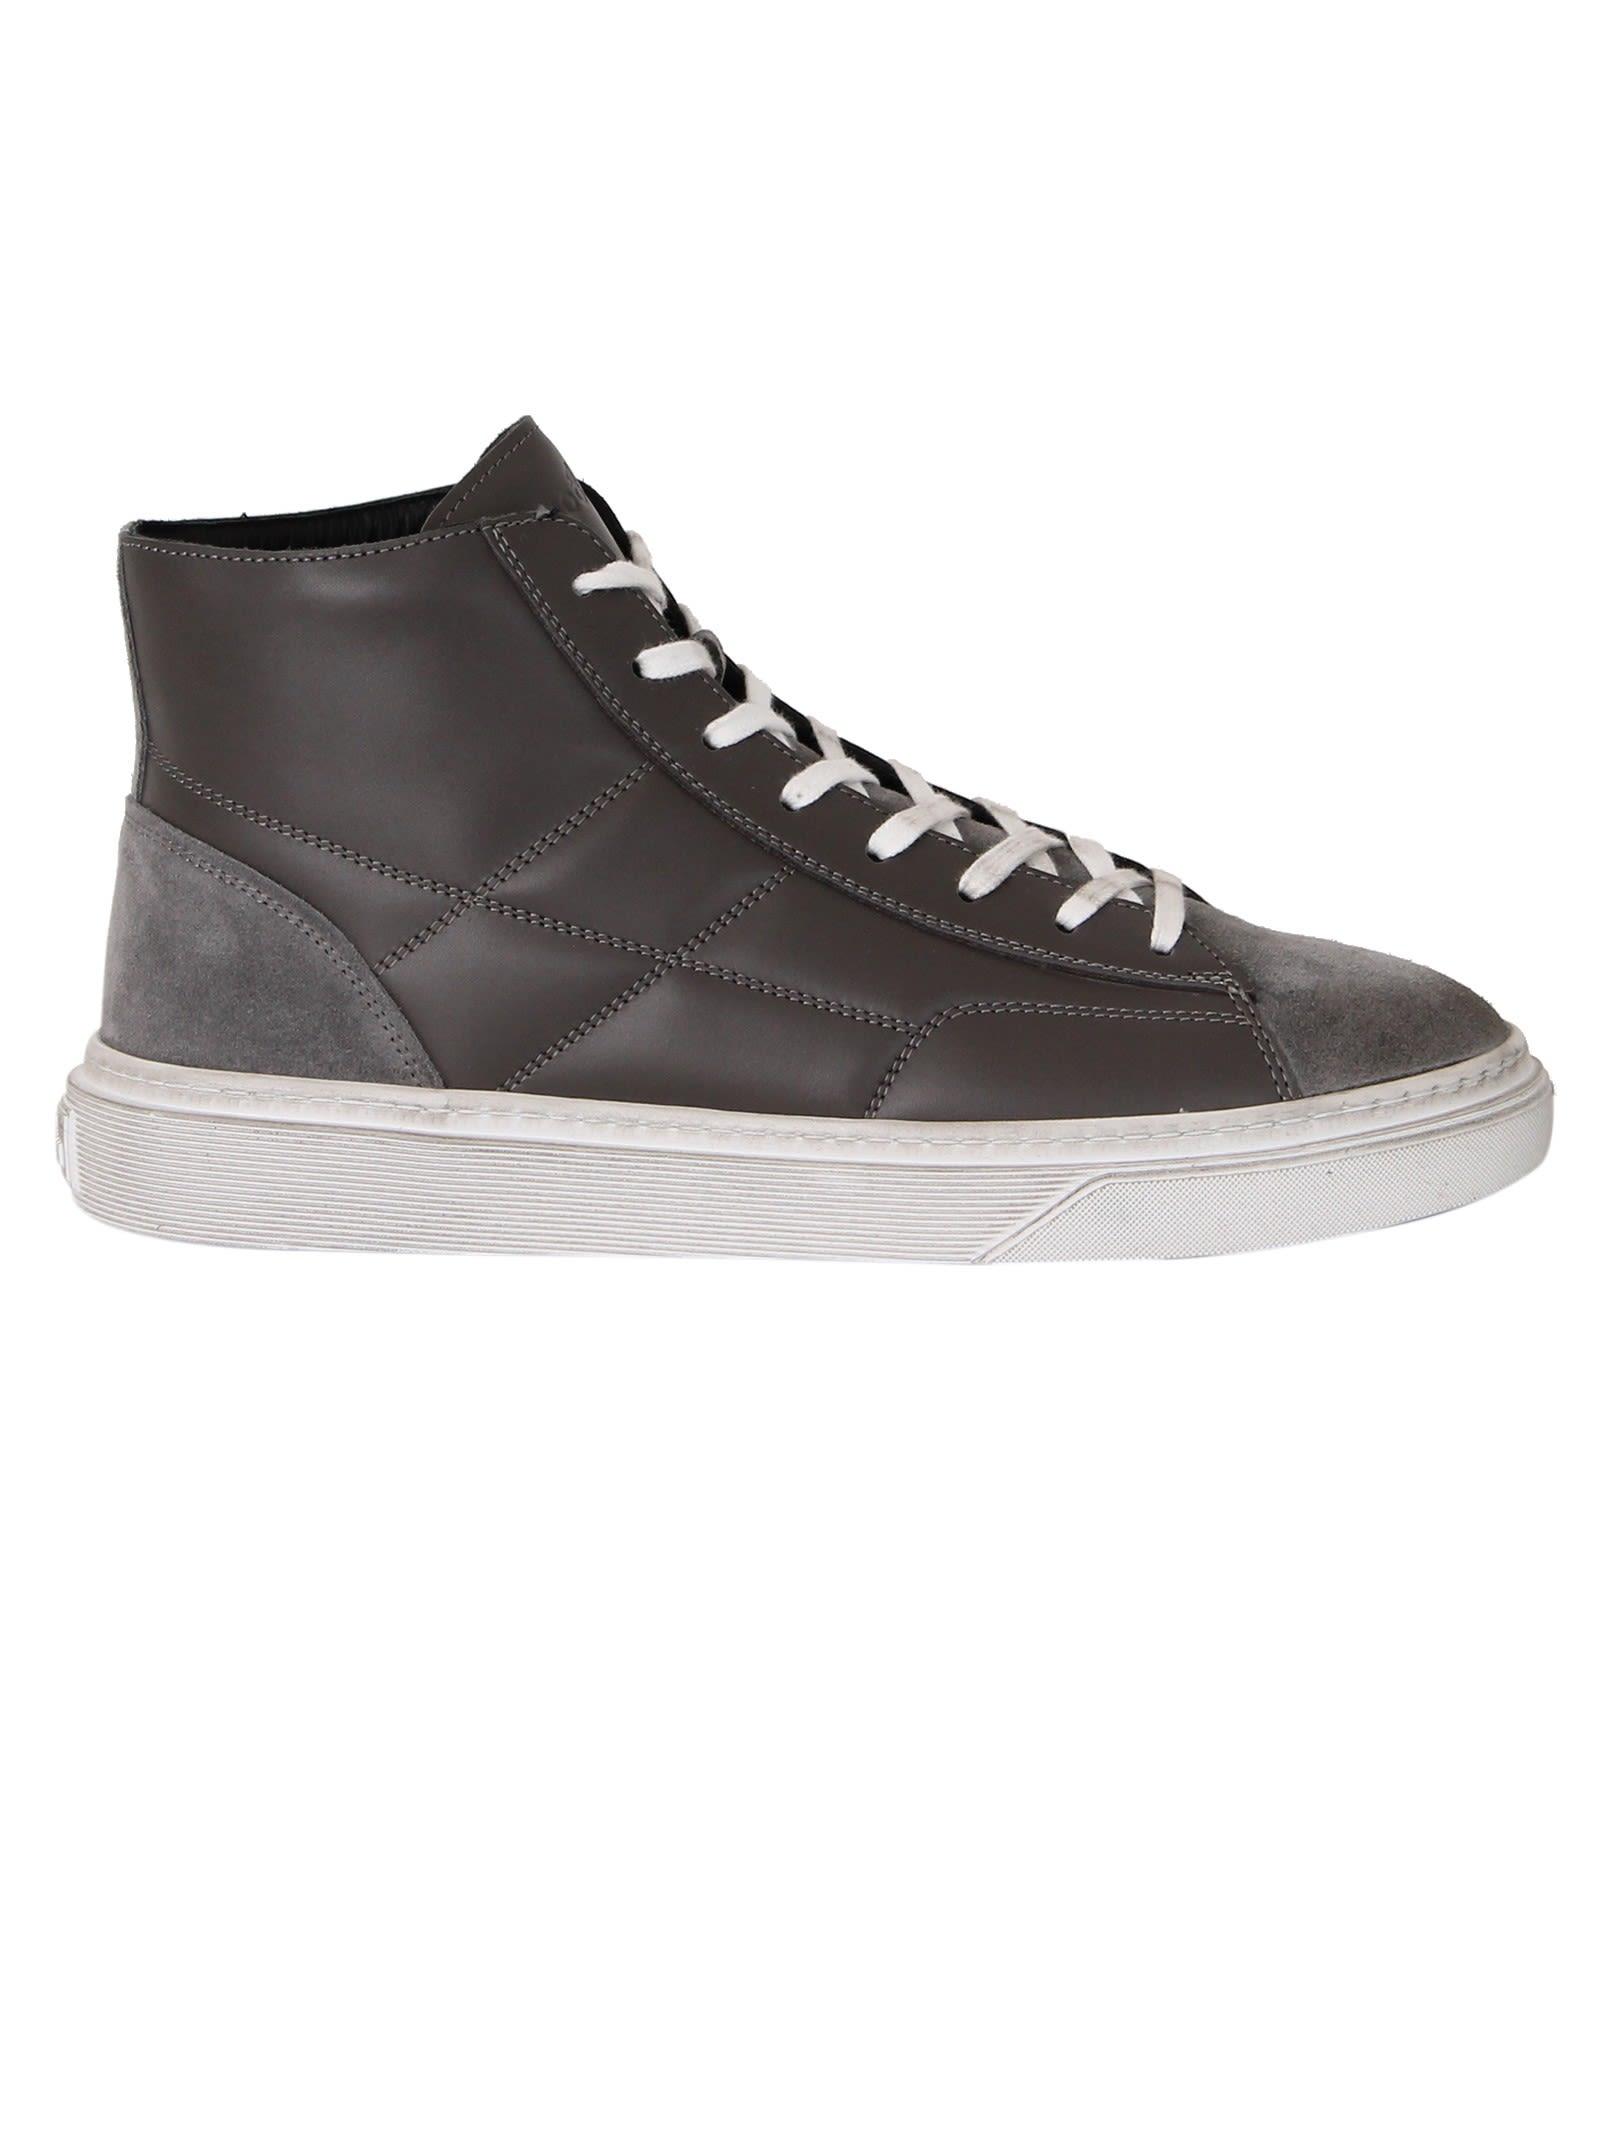 Hogan Grey H340 Hi-top Sneakers